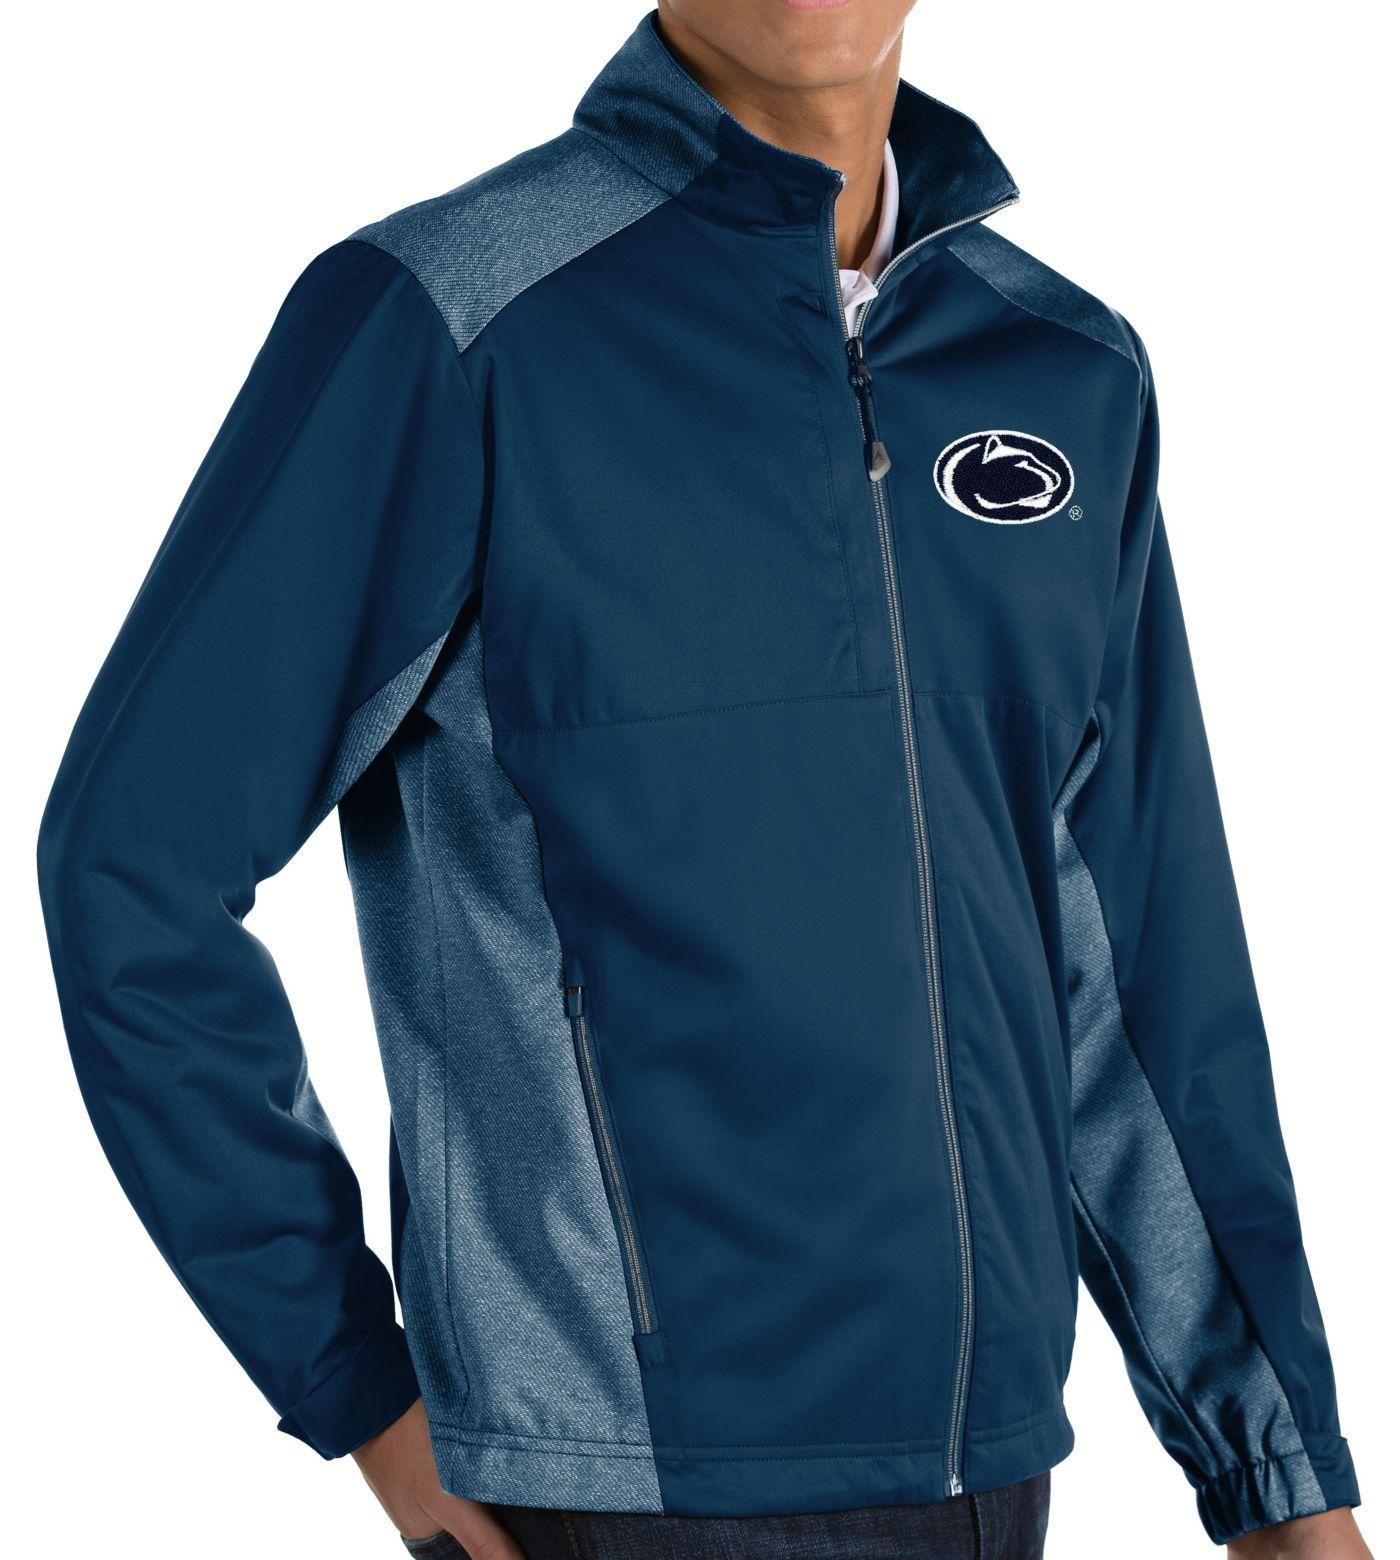 Antigua Men's Penn State Nittany Lions Blue Revolve Full-Zip Jacket